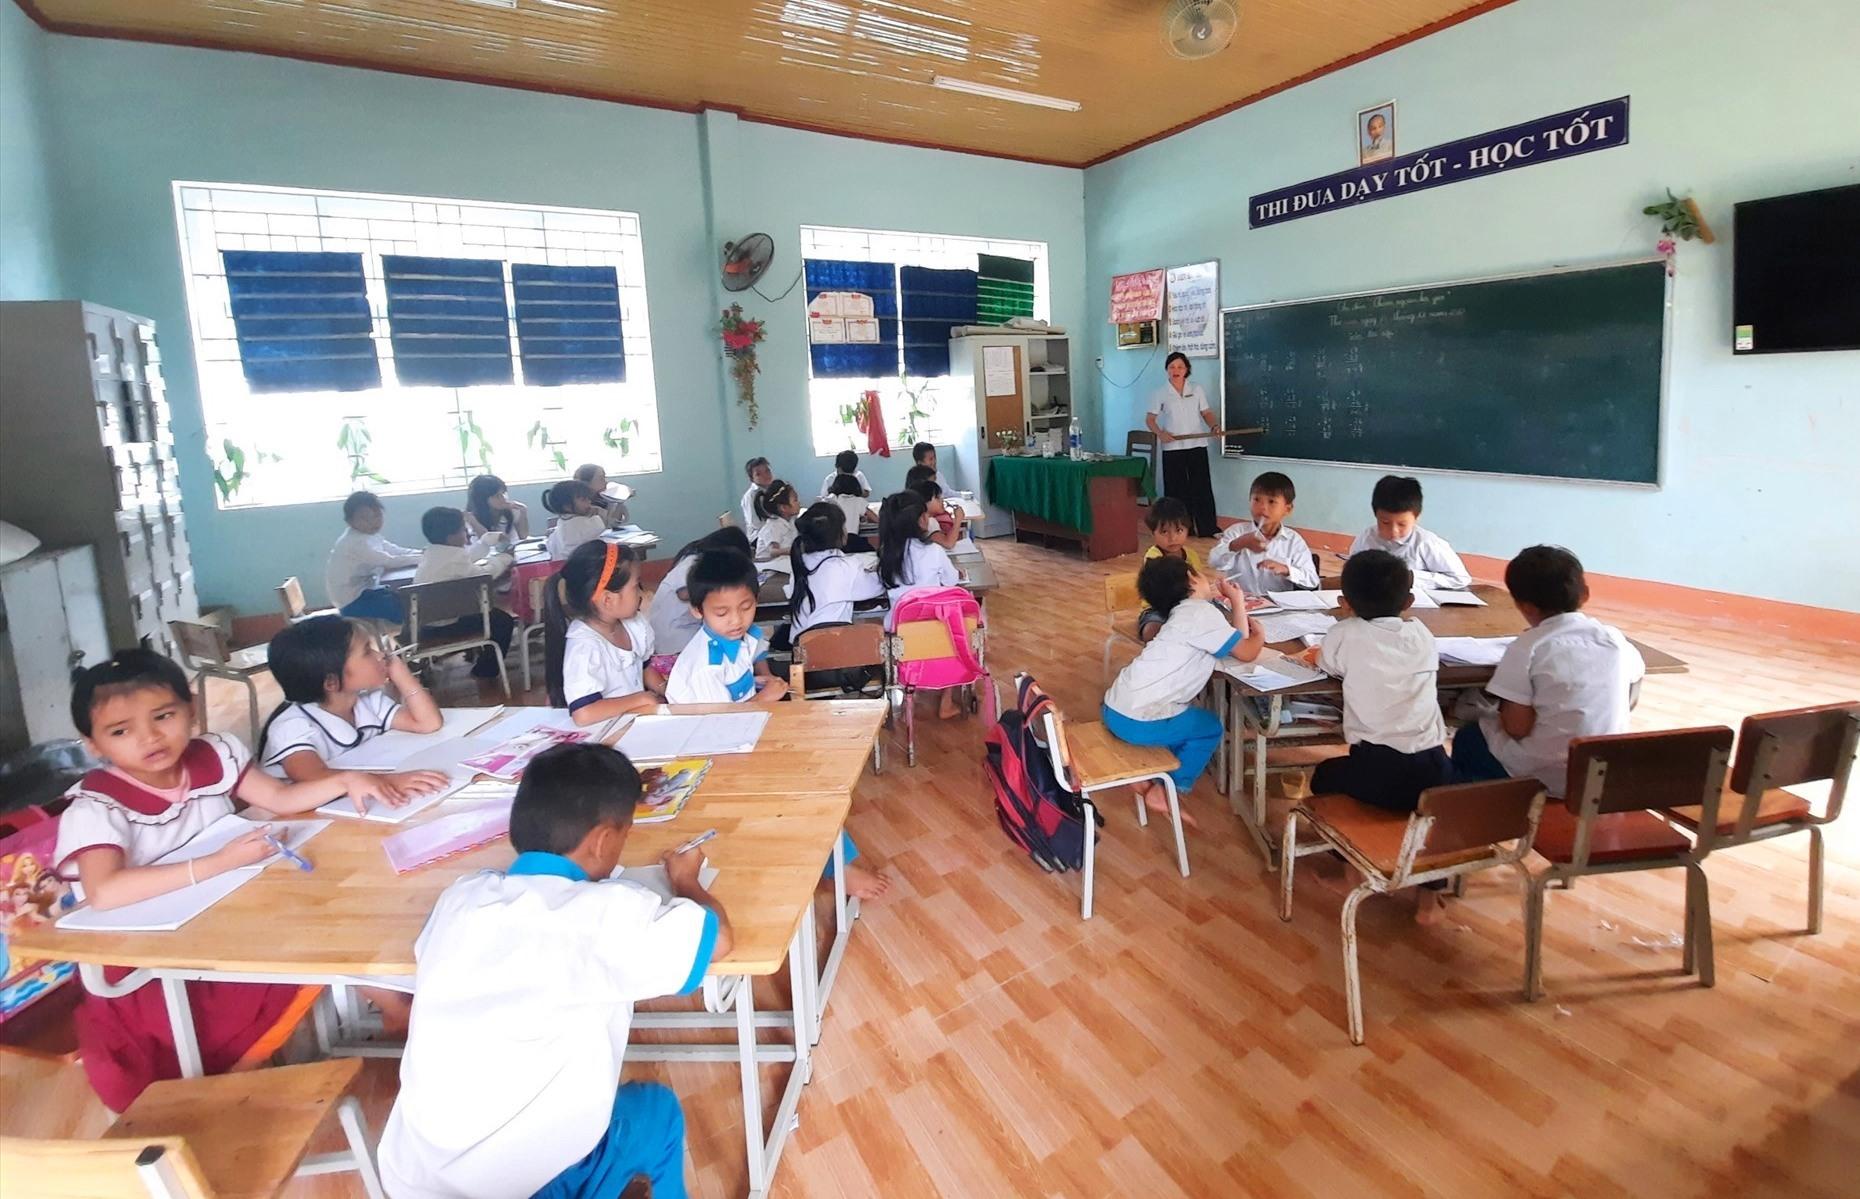 Sau khi gia đình ổn định nhà cửa, nhiều trẻ em ở Tăk Pát đã an tâm đến trường. Ảnh: HỒ QUÂN